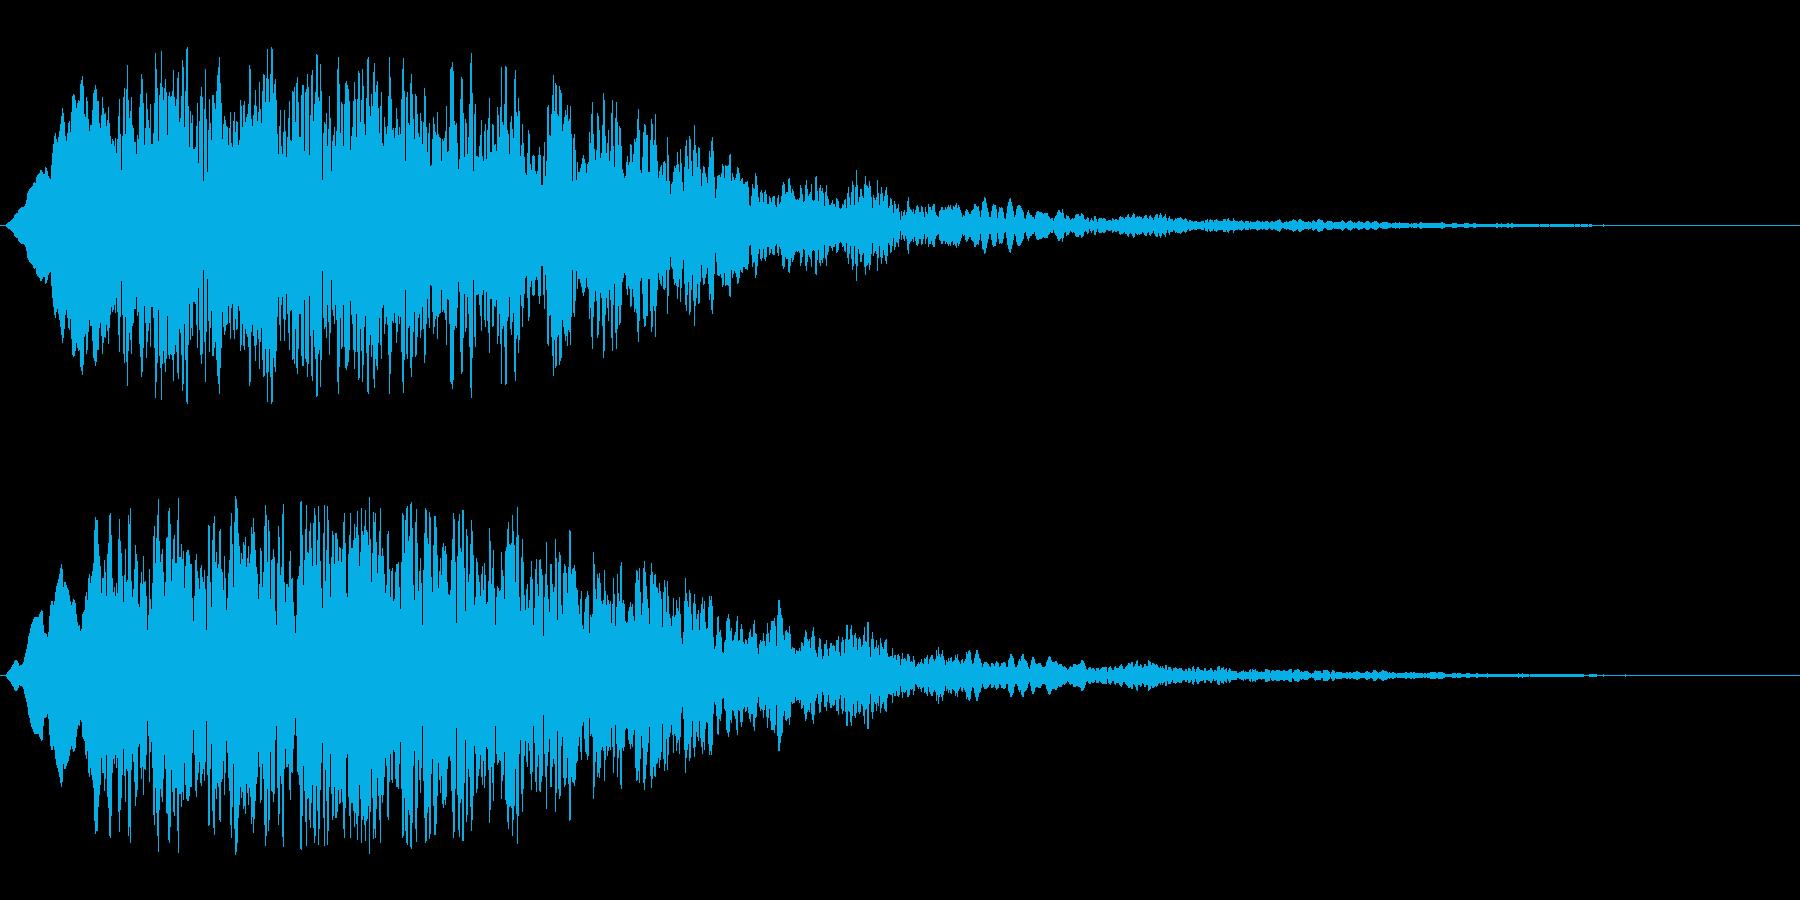 恐怖心を煽る音(怪奇現象シーンの効果音)の再生済みの波形